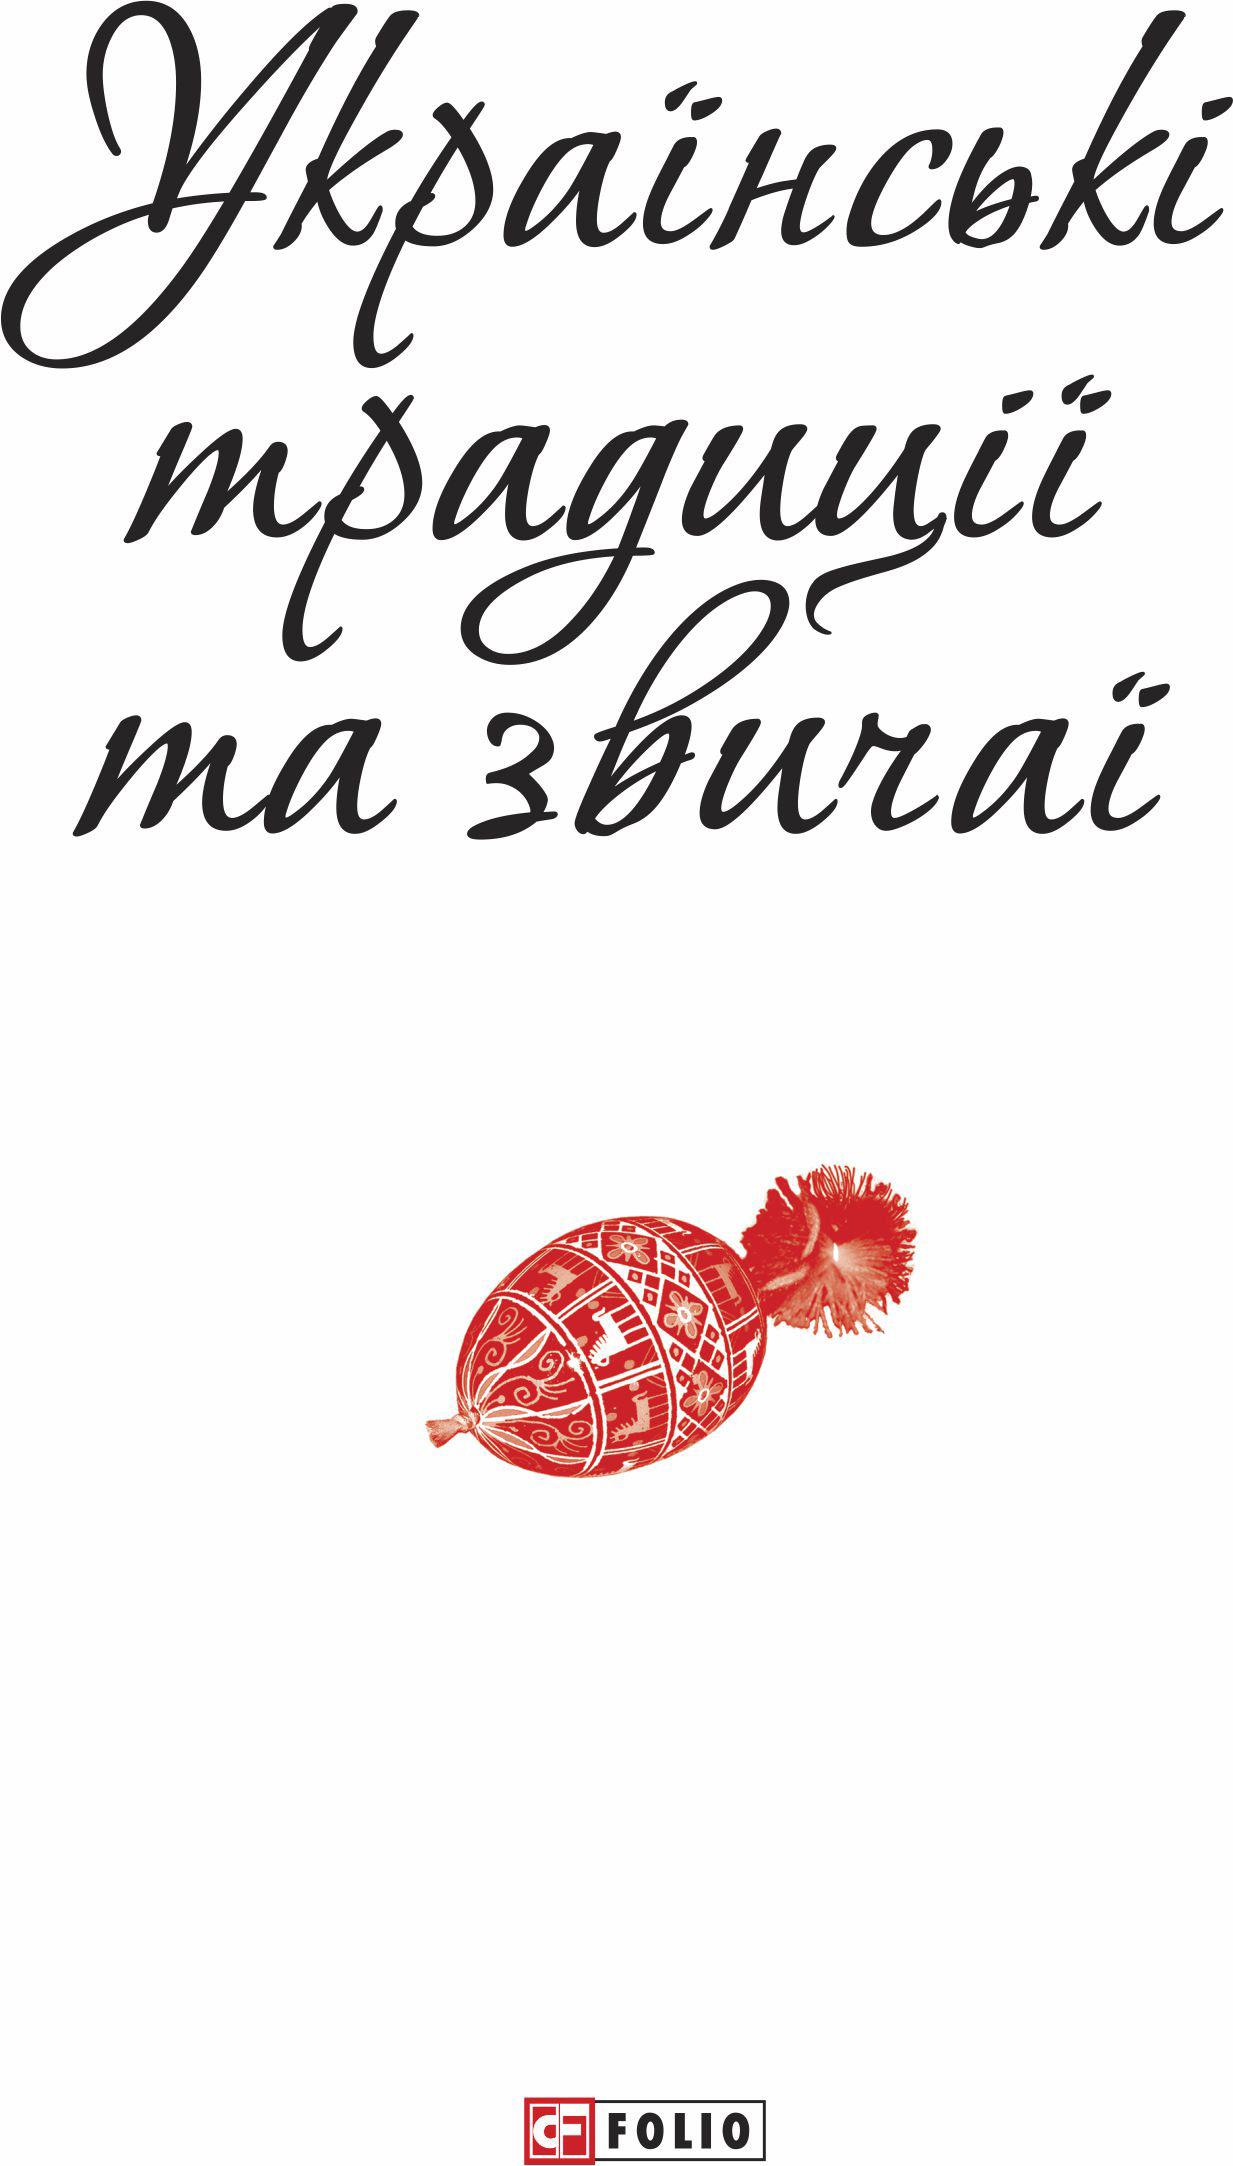 Сборник Українські традиції та звичаї антін щегельський мемуари українського казанови